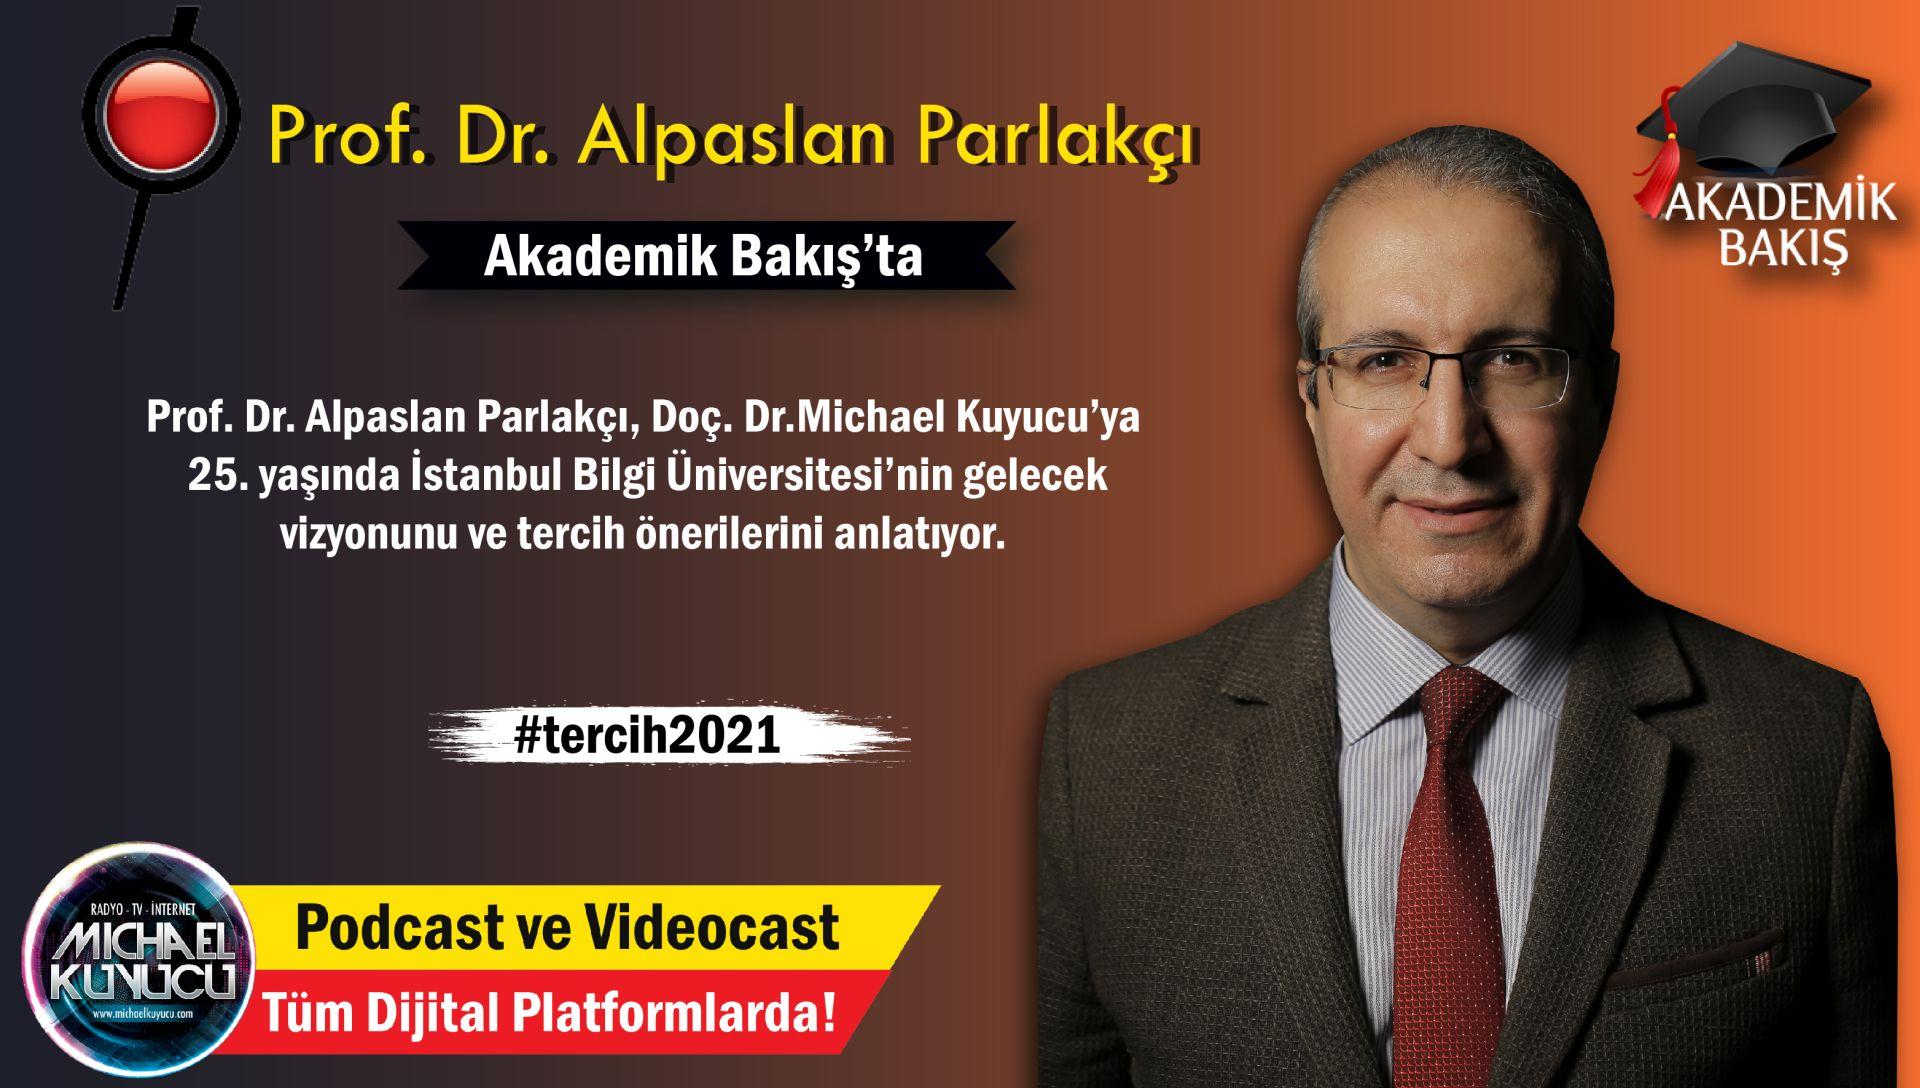 Prof. Dr. Alpaslan Parlakçı:  Biz İlk Uzaktan Eğitimle Yapılan MBA Programını 2000 Yılında Açtık